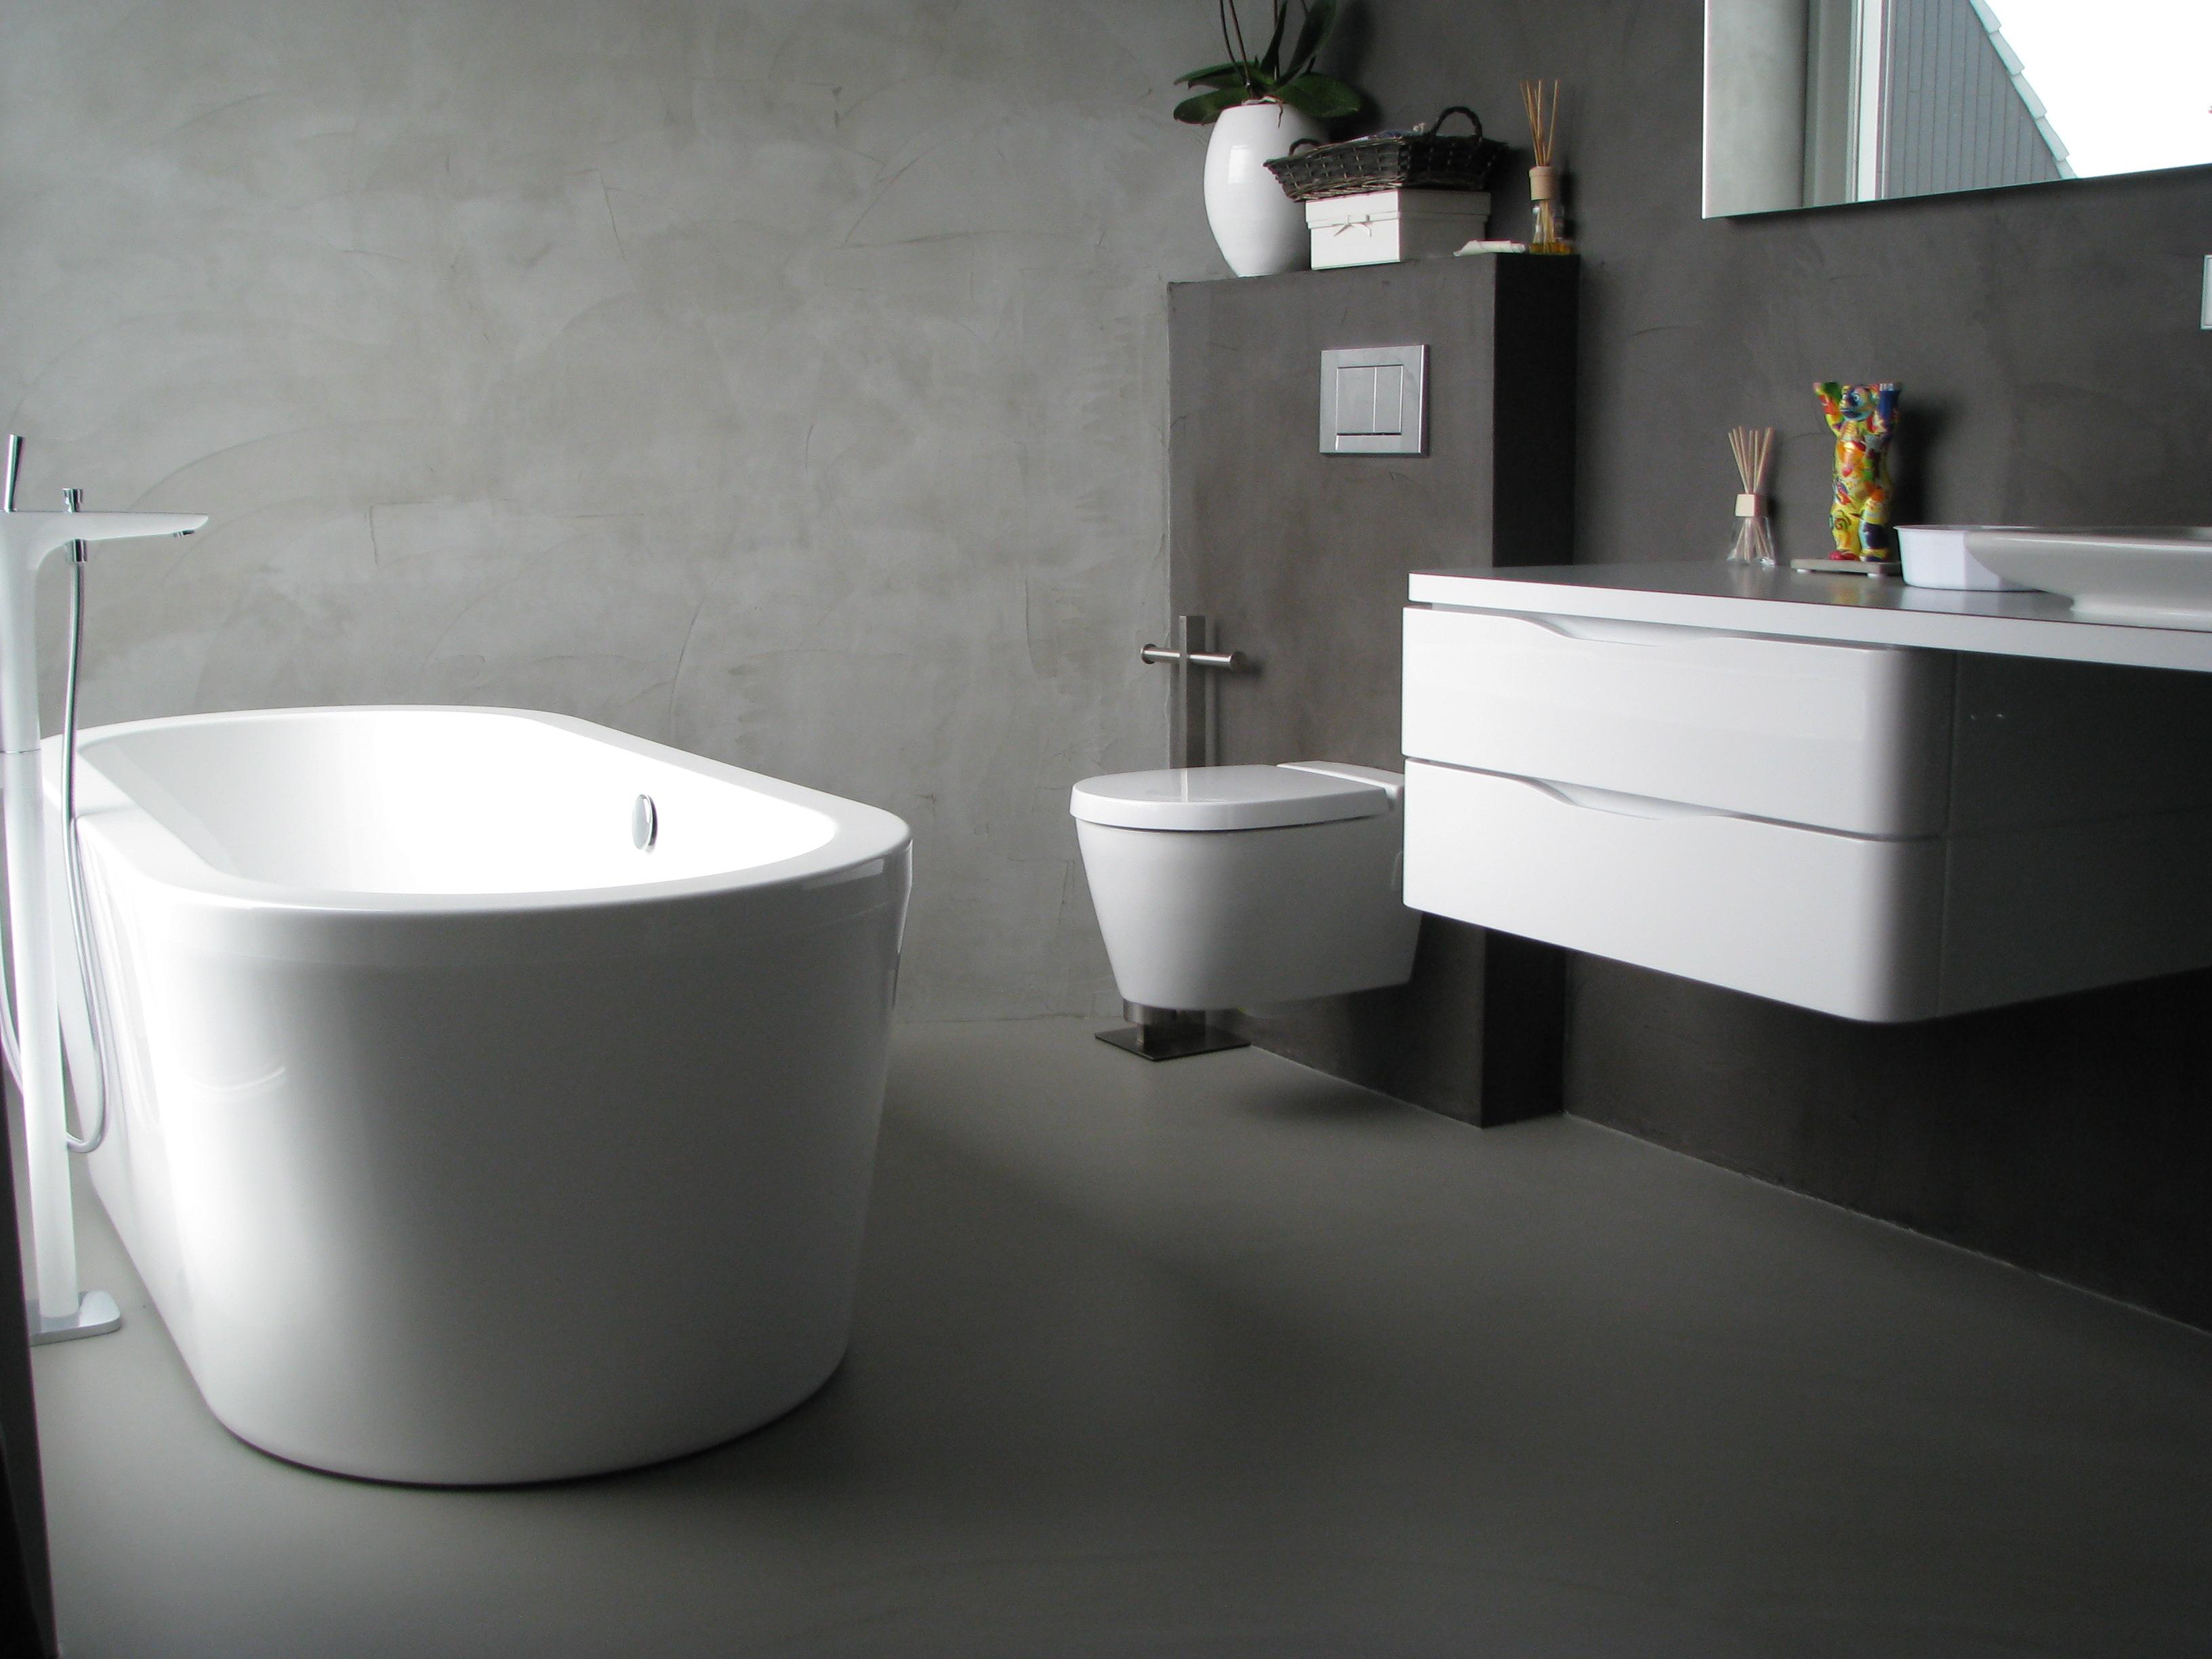 Praktisch Badkamer Gietvloer : Praktische stijlvolle vloeren voor de badkamer nieuws